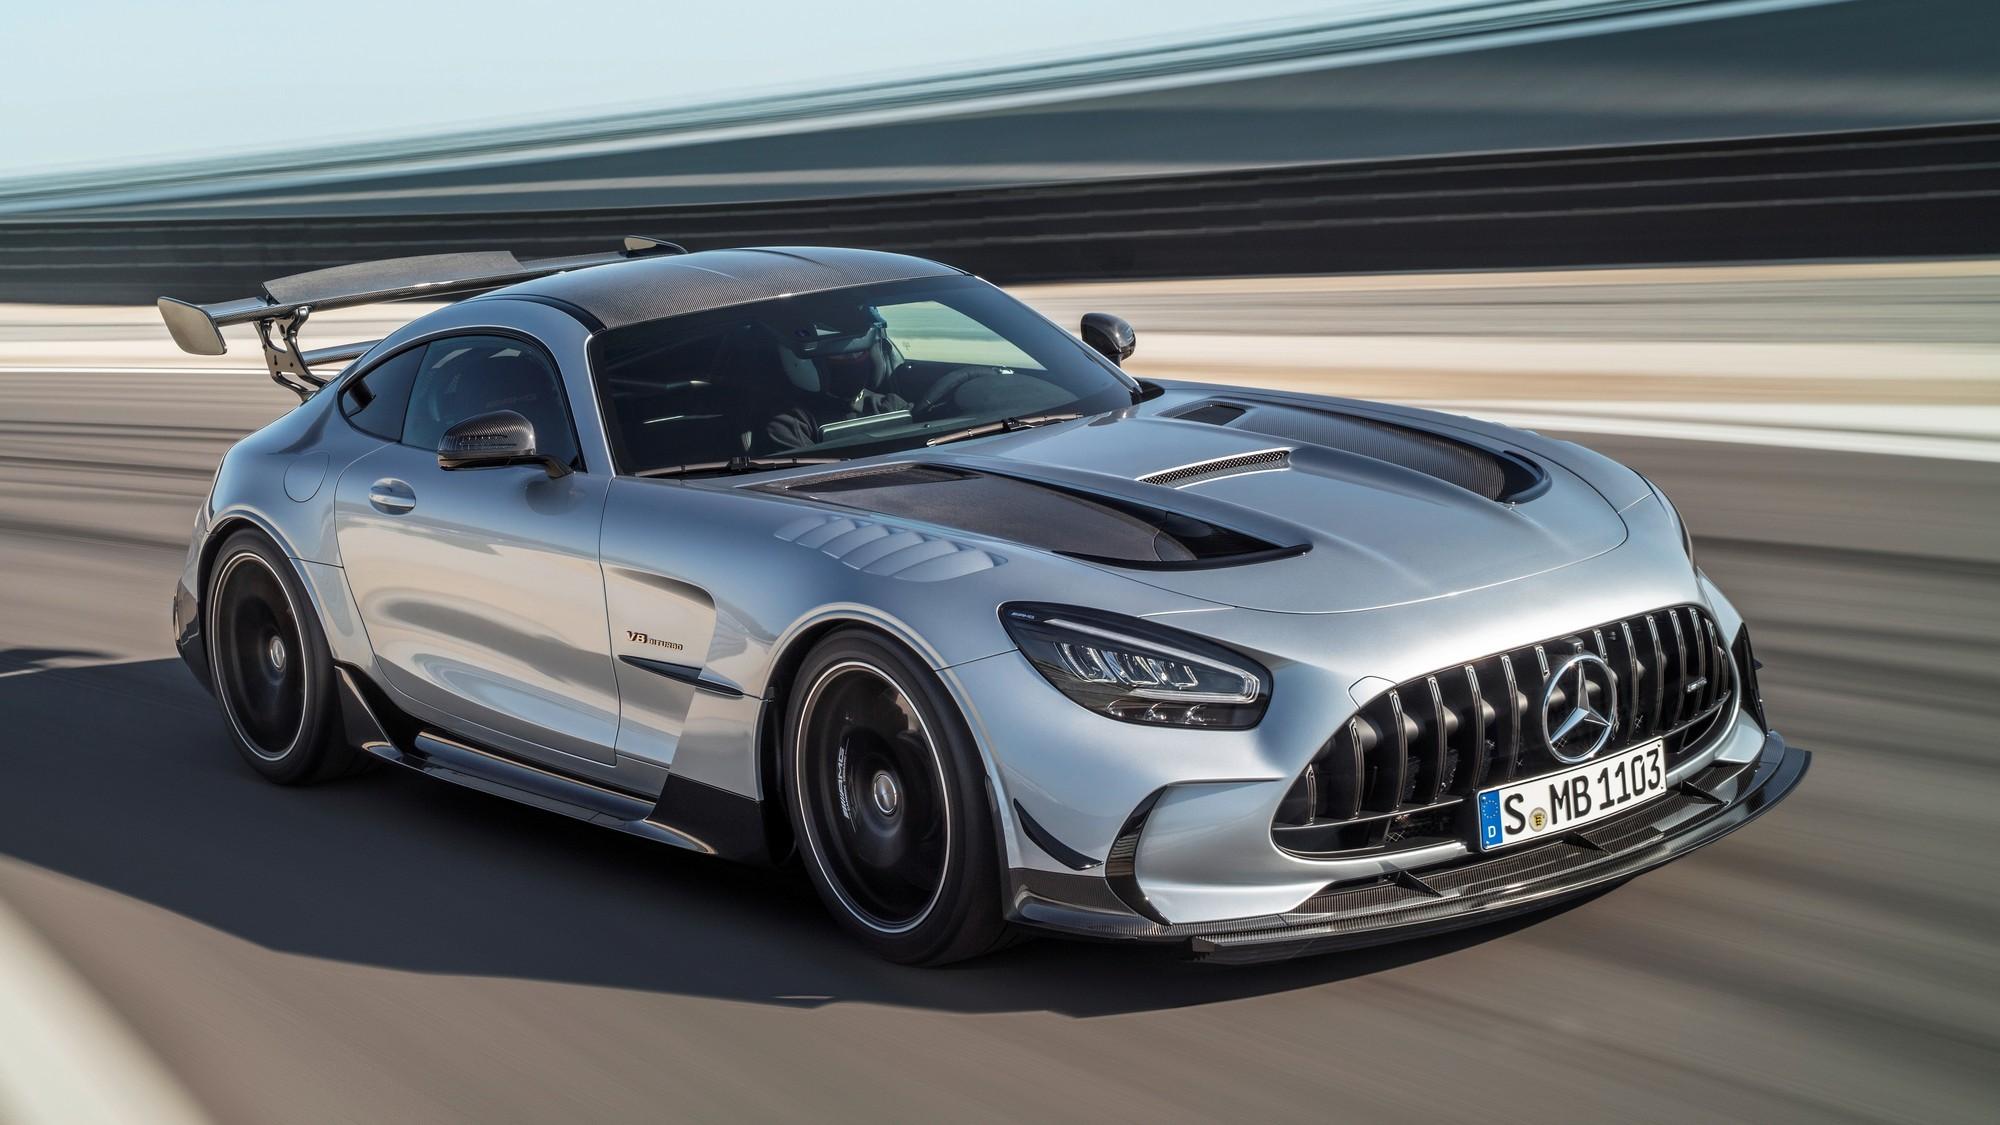 Двухместный Mercedes-AMG GT уходит в отставку, конкурента Porsche 911 из него не вышло